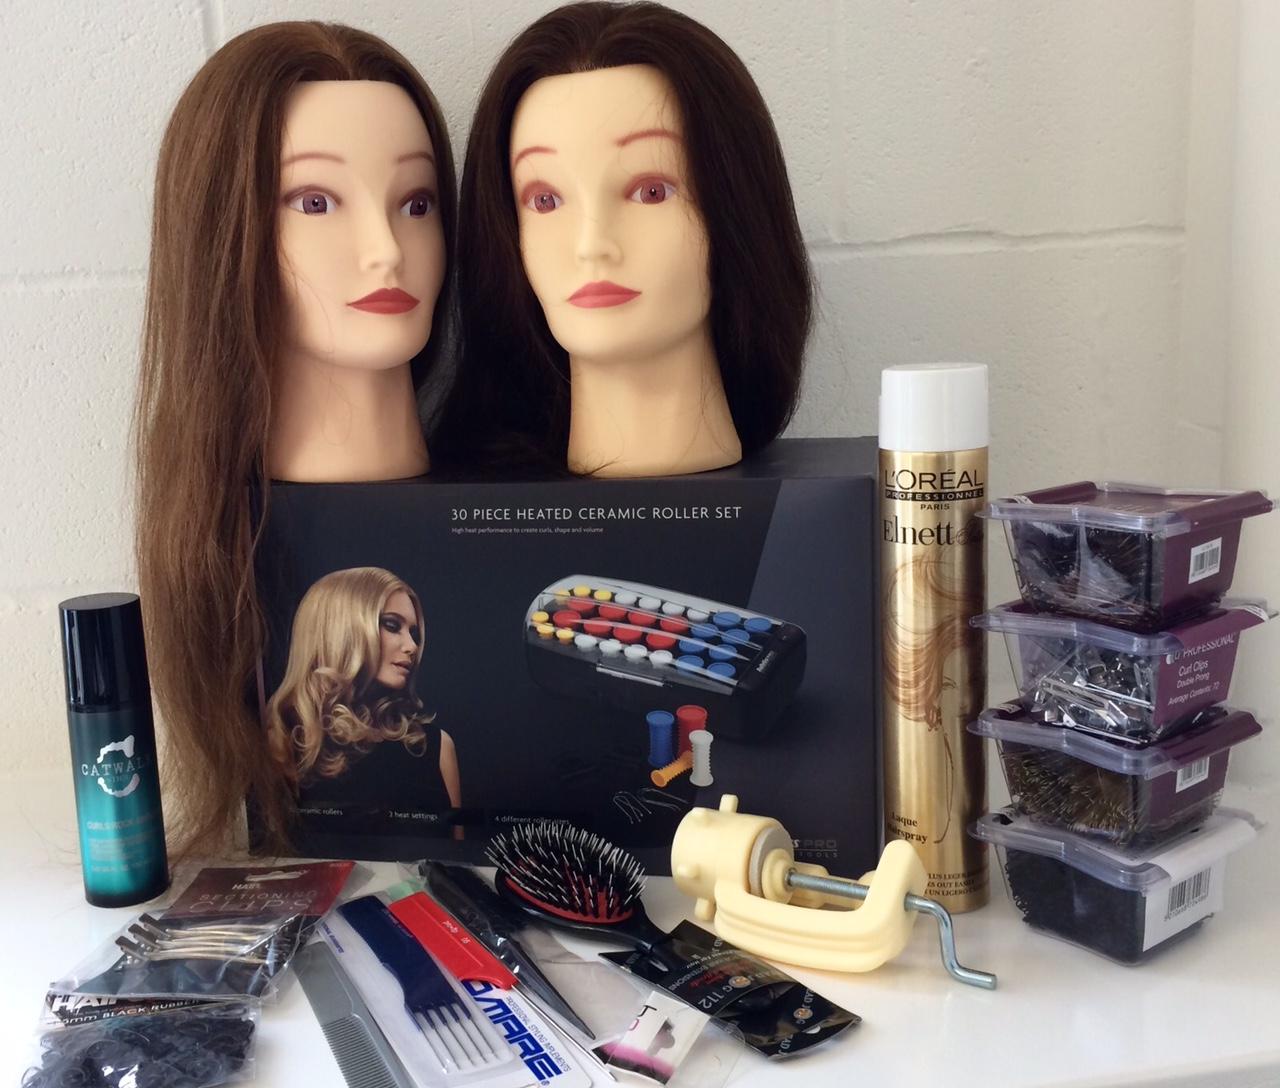 bridal hairstyling kit